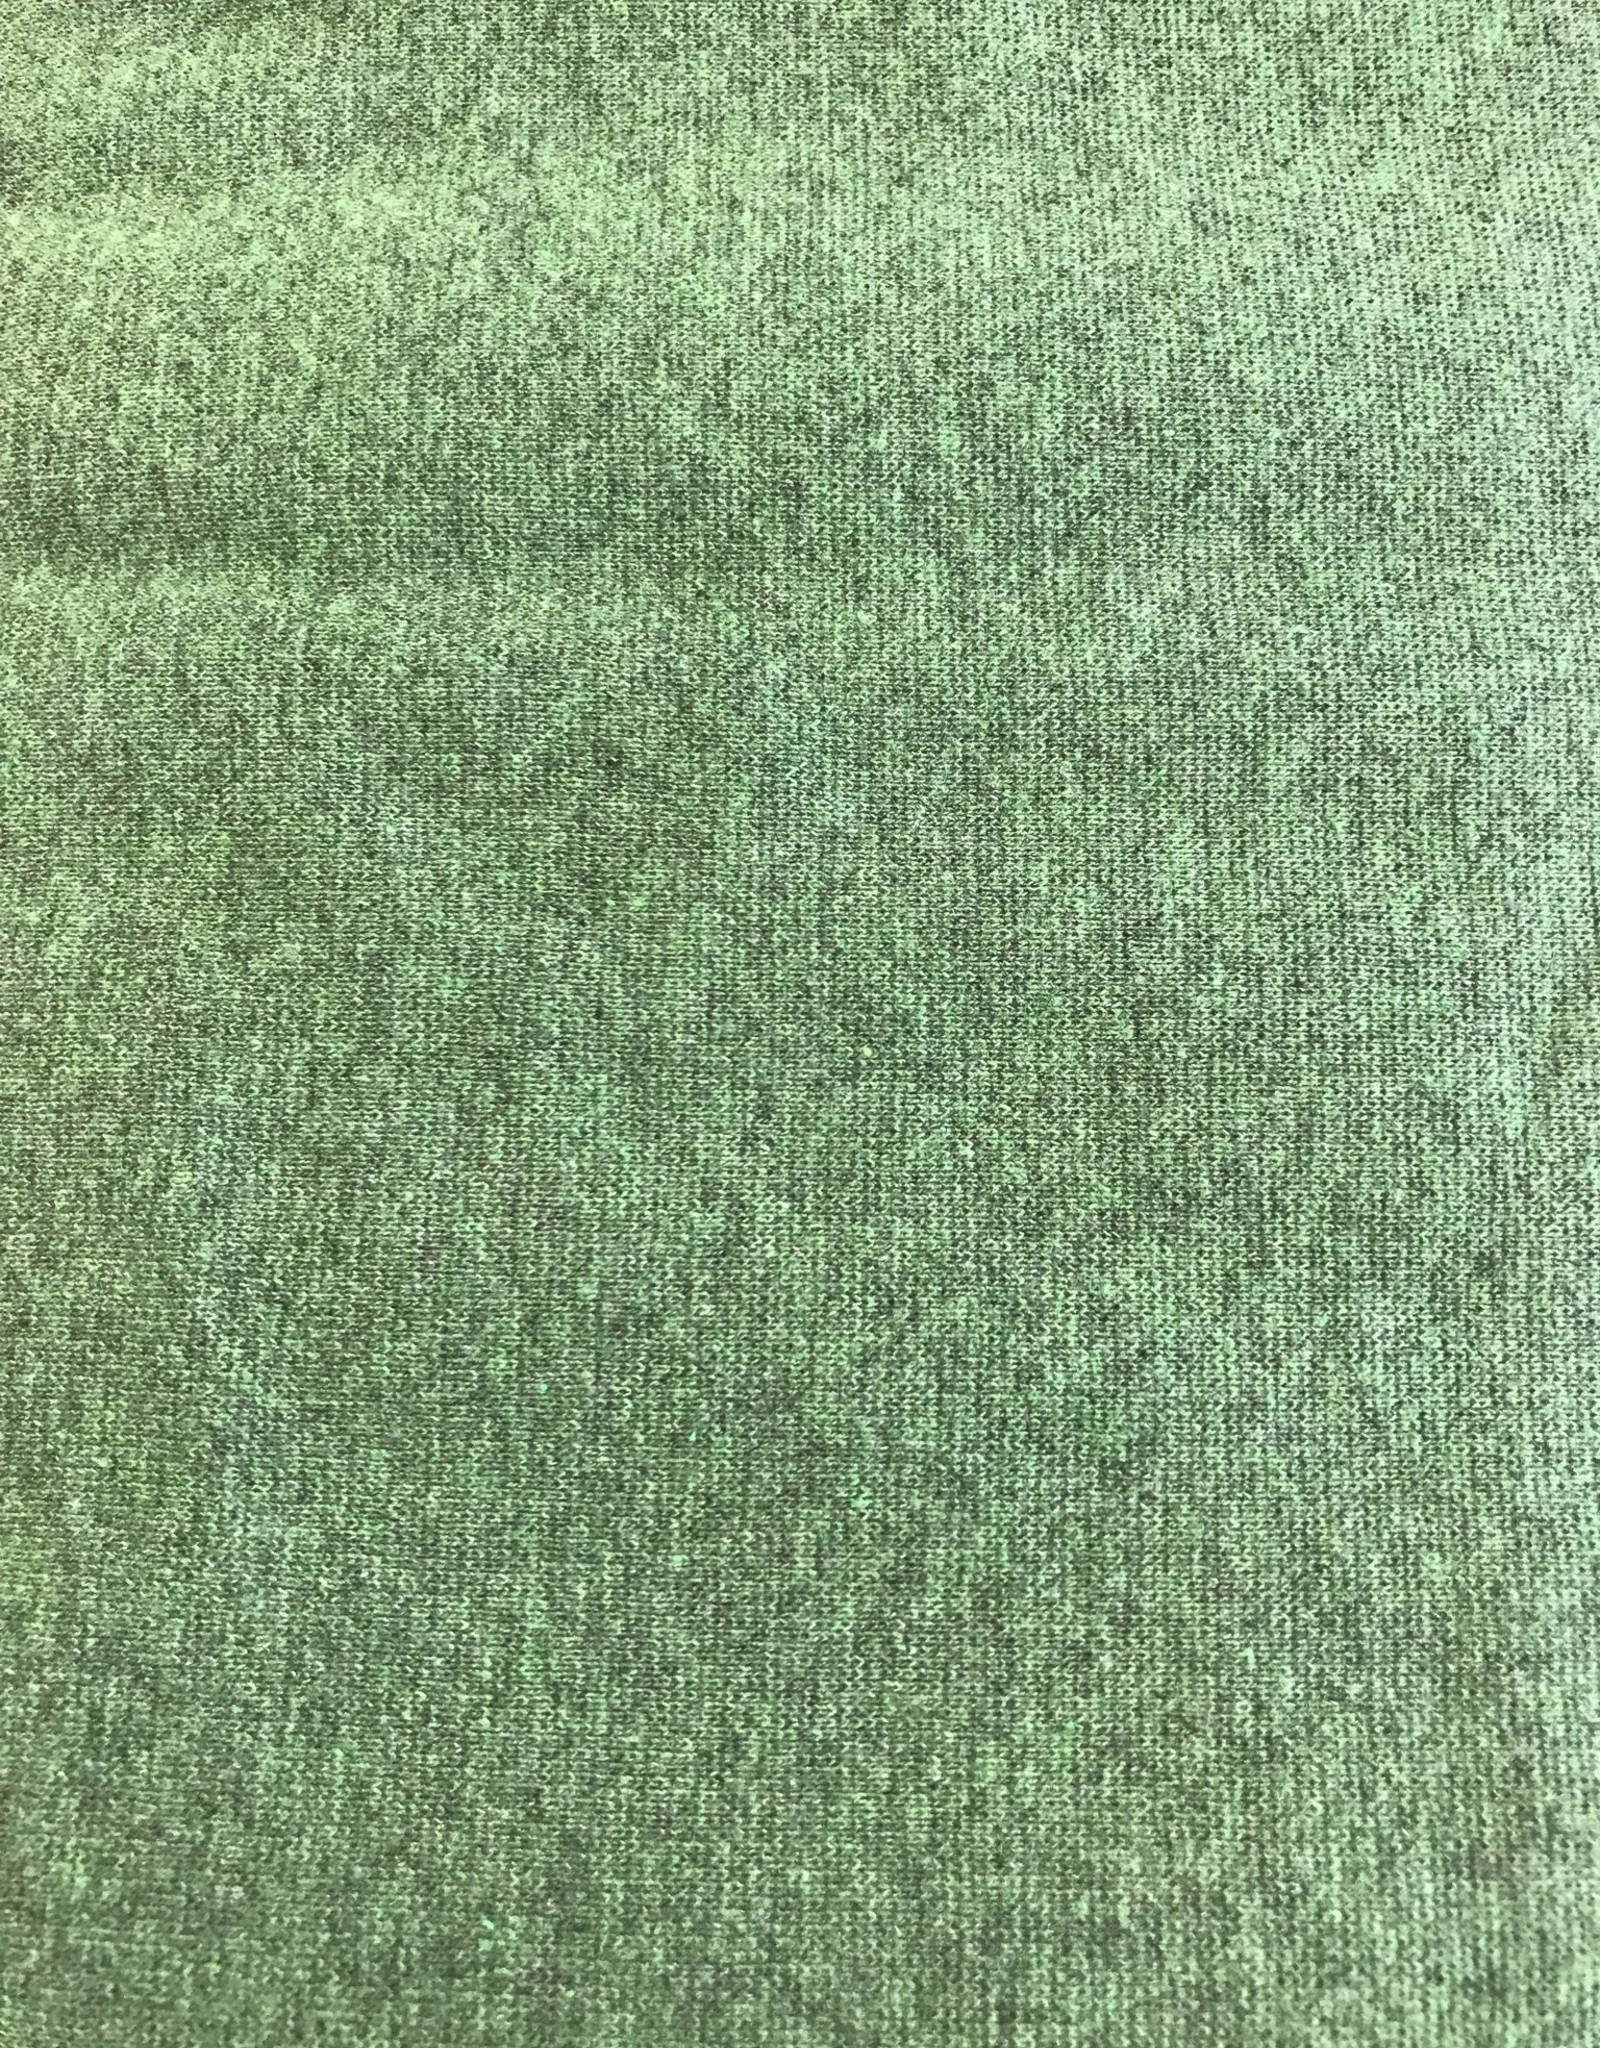 Hilco Sweaterstof groen gemeleerd